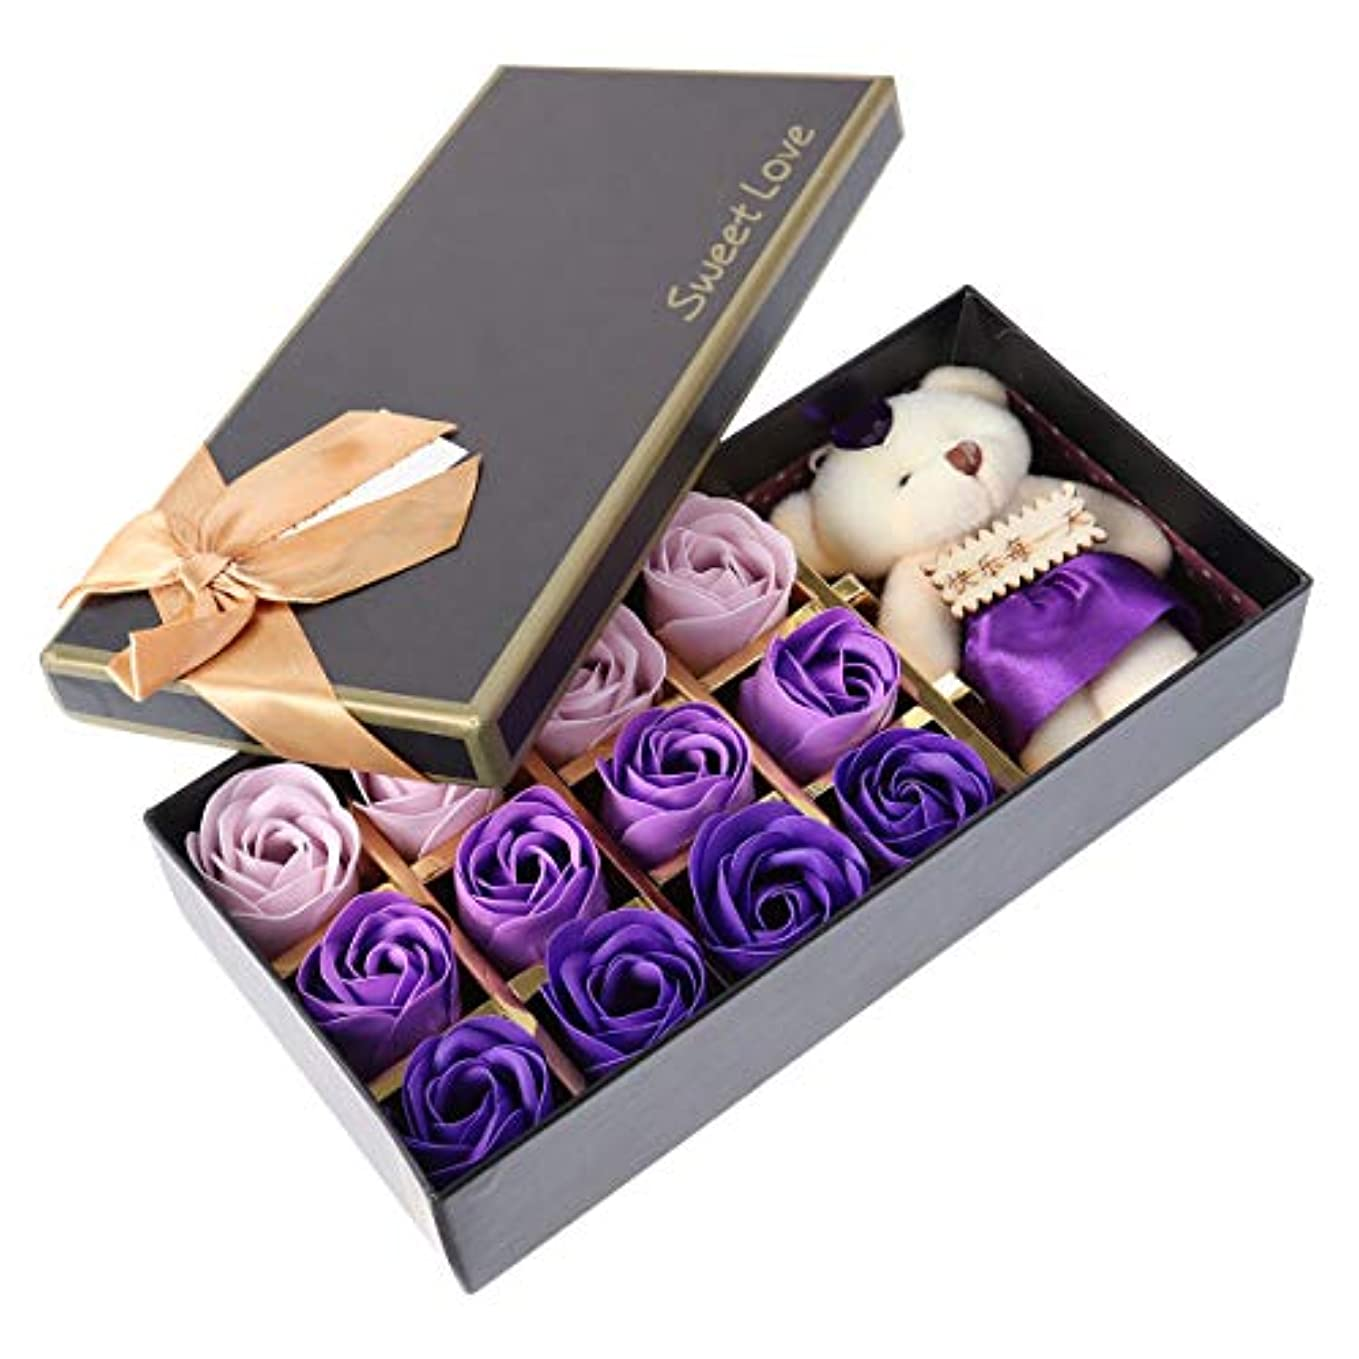 首ペチコート散髪Beaupretty バレンタインデーの結婚式の誕生日プレゼントのための小さなクマとバラの石鹸の花